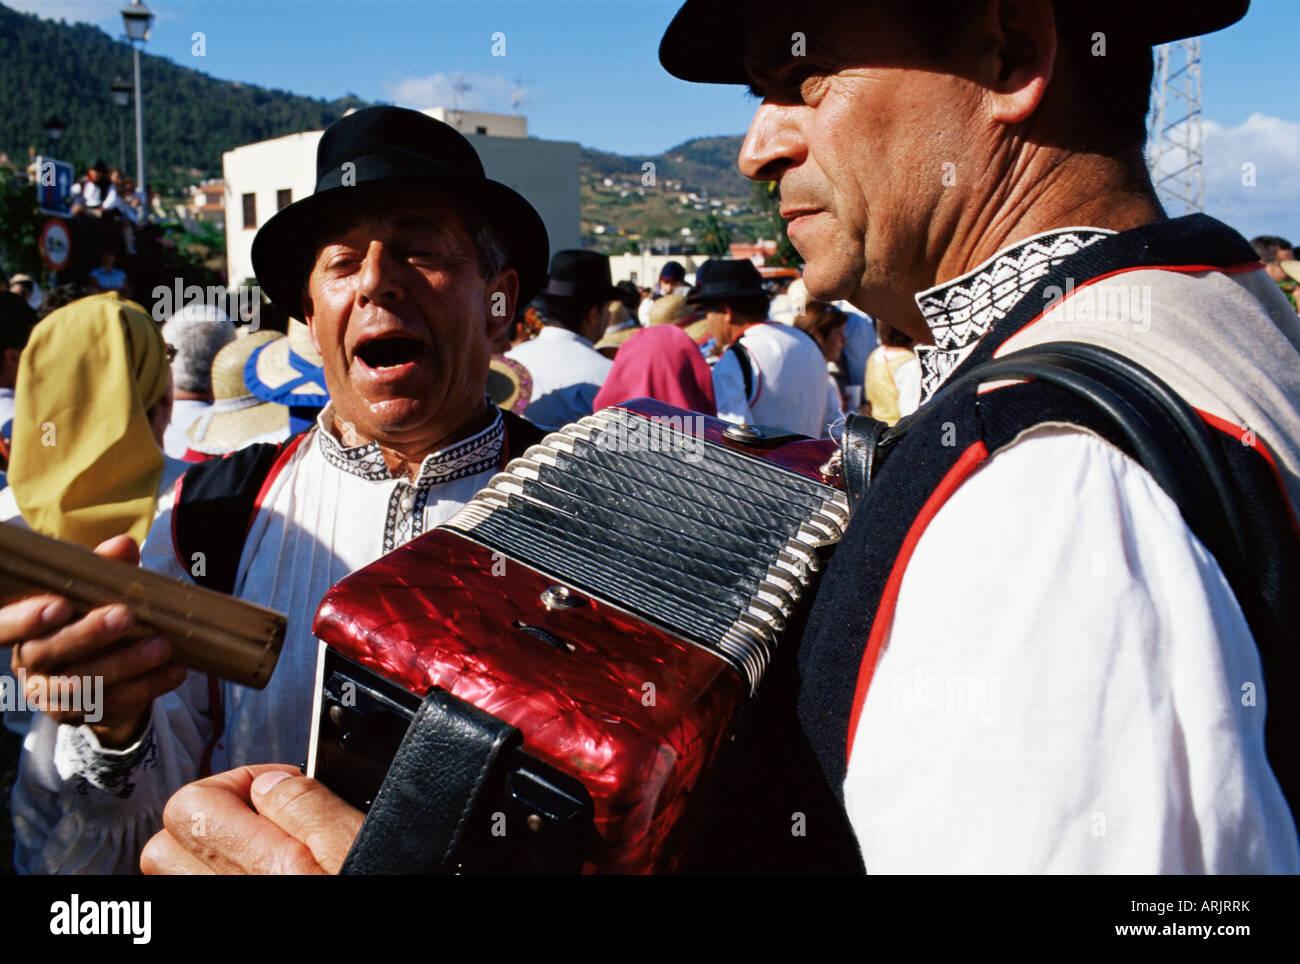 Persone che cantano durante una Fiesta, Santa Cruz de la Palma la Palma Isole Canarie Spagna Immagini Stock